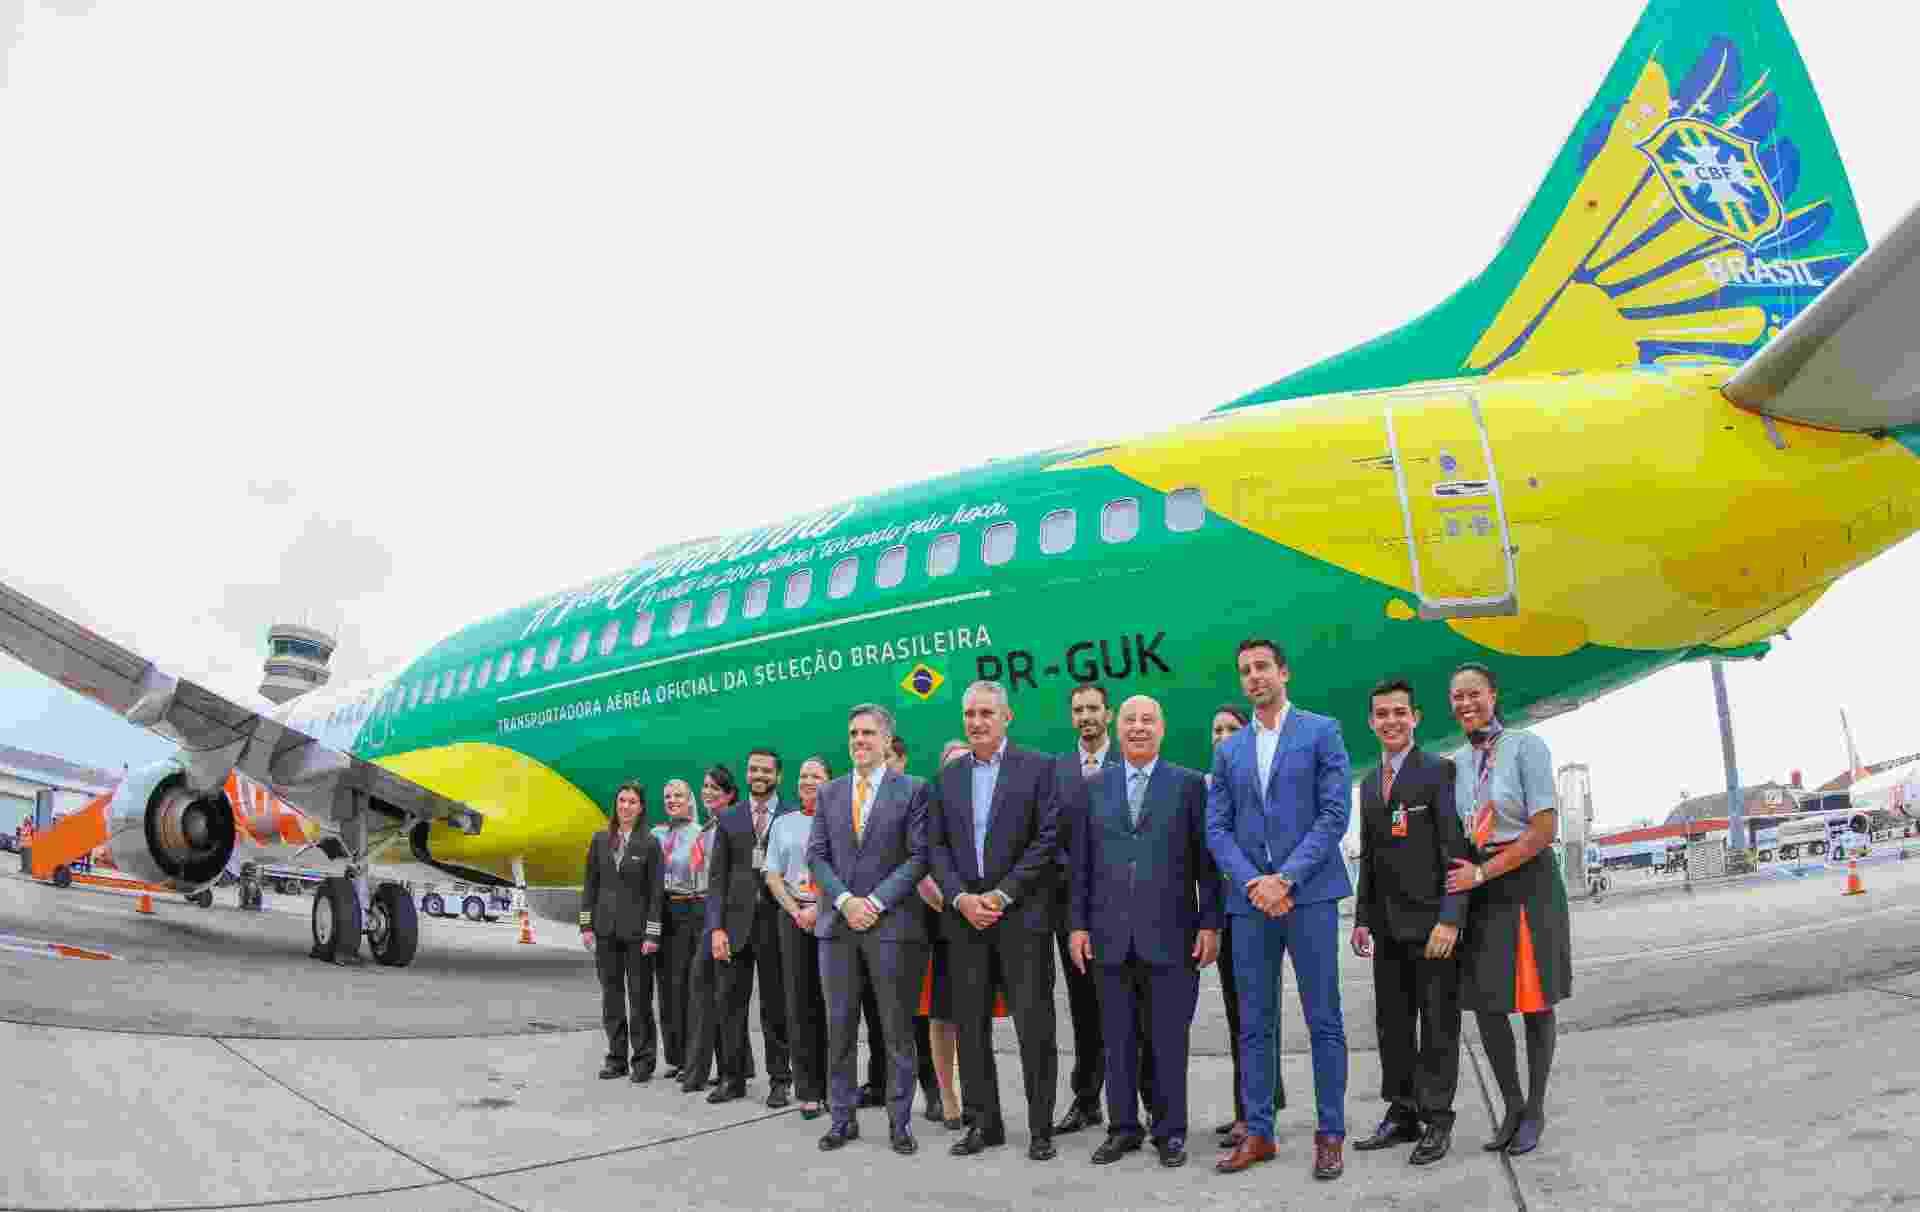 Tite, Marco Polo del Nero e Edu Gaspar posam em frente ao avião da seleção brasileira, fornecido pela Gol - undefined